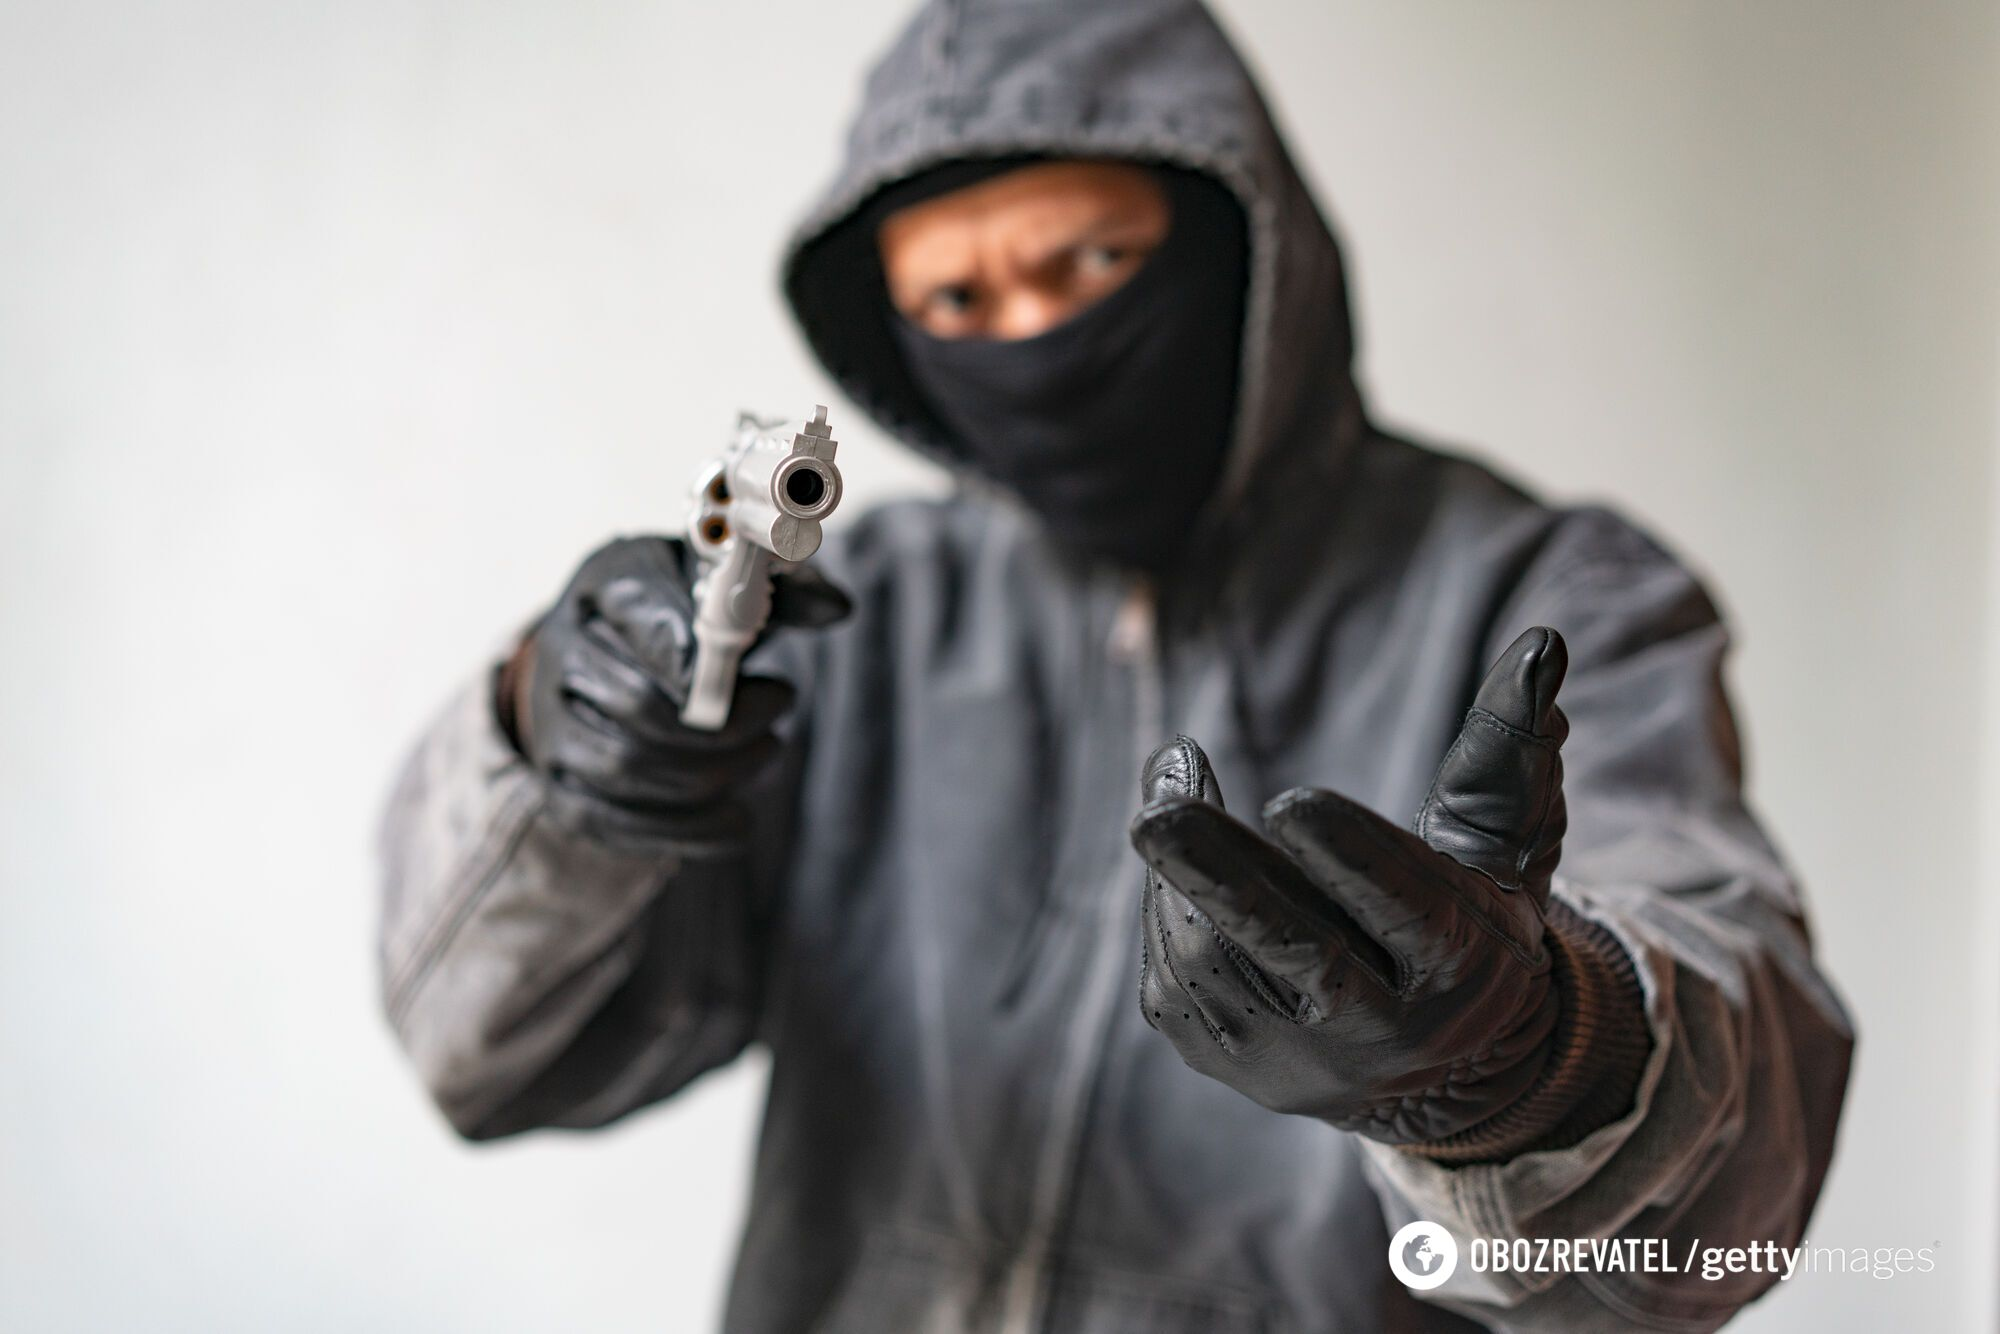 Вооруженный грабитель. Иллюстрация